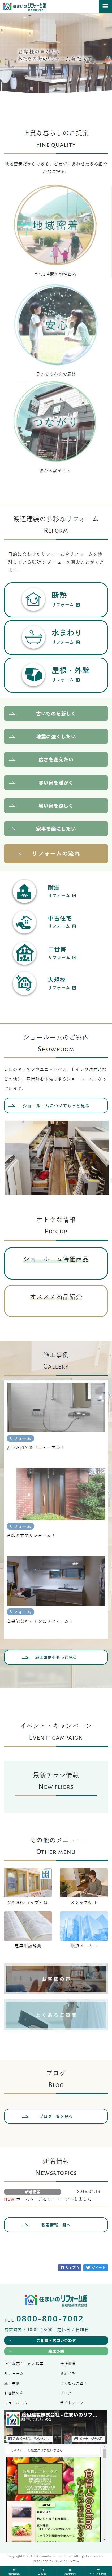 渡辺建装株式会社 様